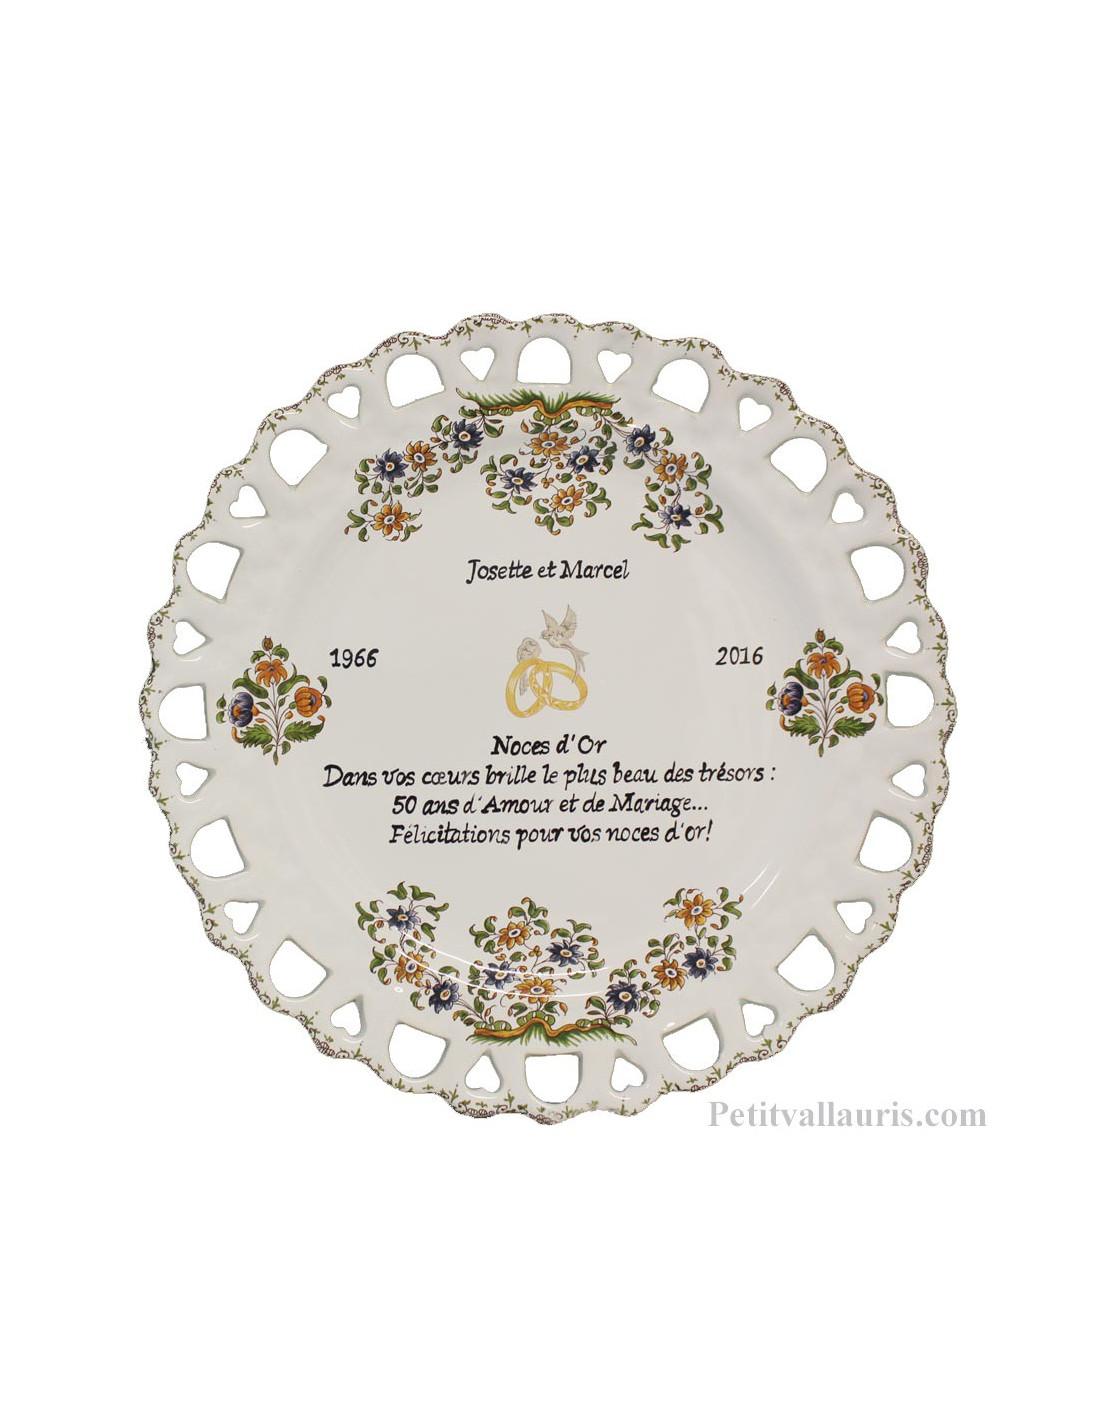 Assiette de mariage mod le tournesol inscription pr sent e avec citation noces d 39 or modifiable - Cadeau 50 ans de mariage noces d or ...